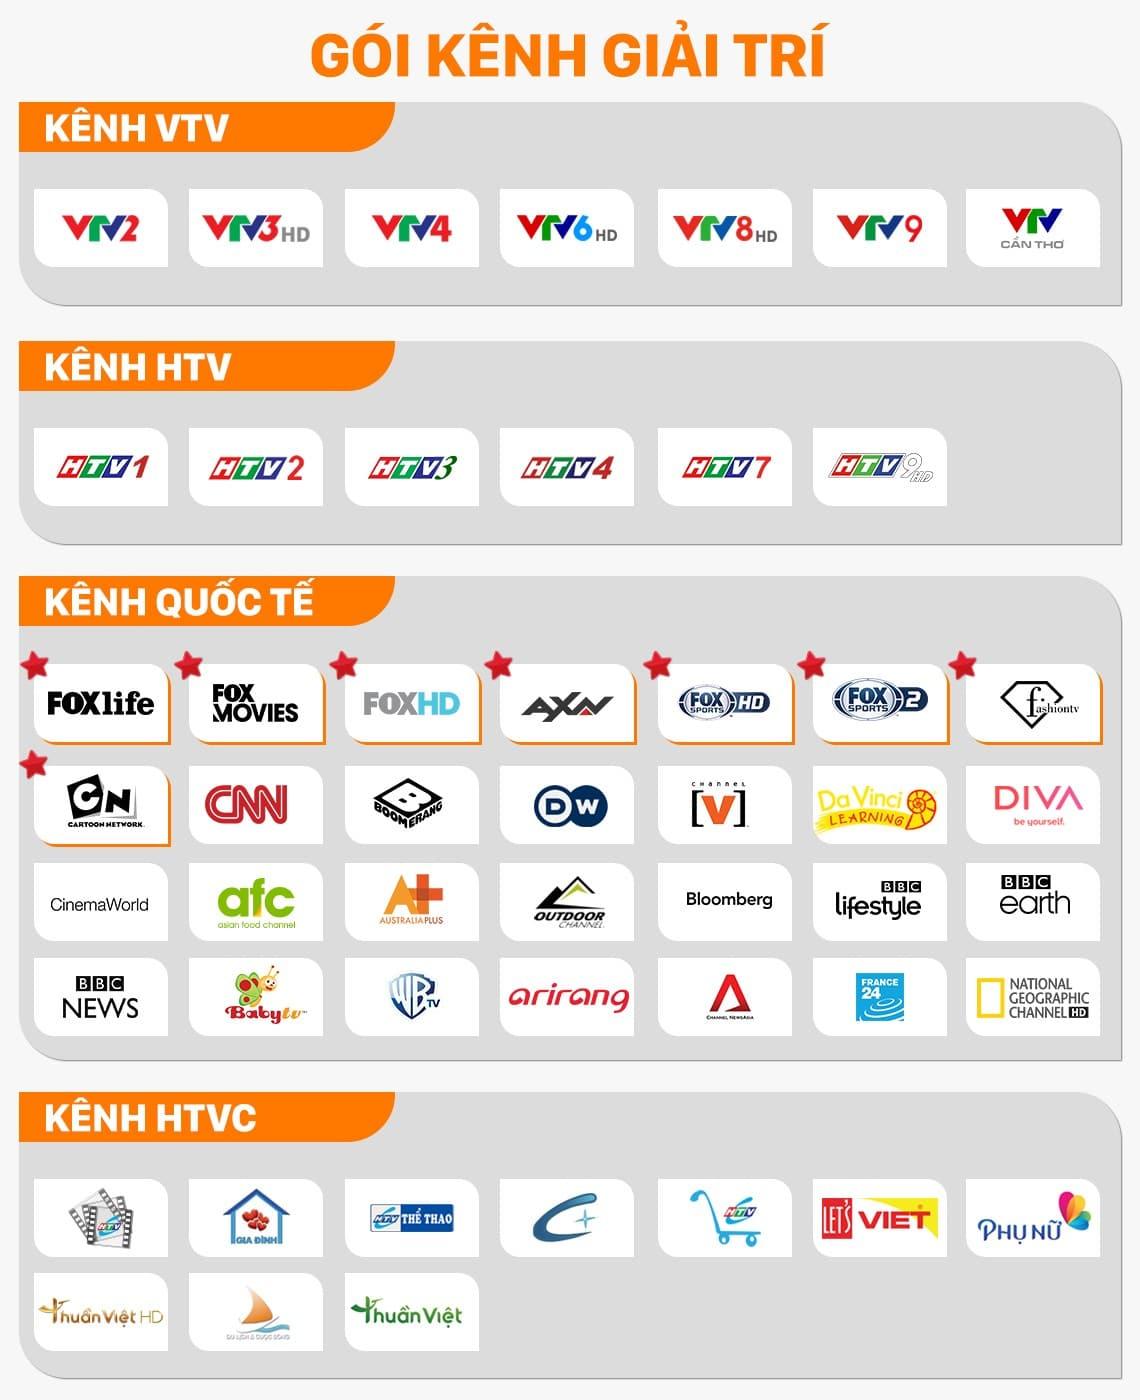 Danh sách gói kênh truyền hình FPT